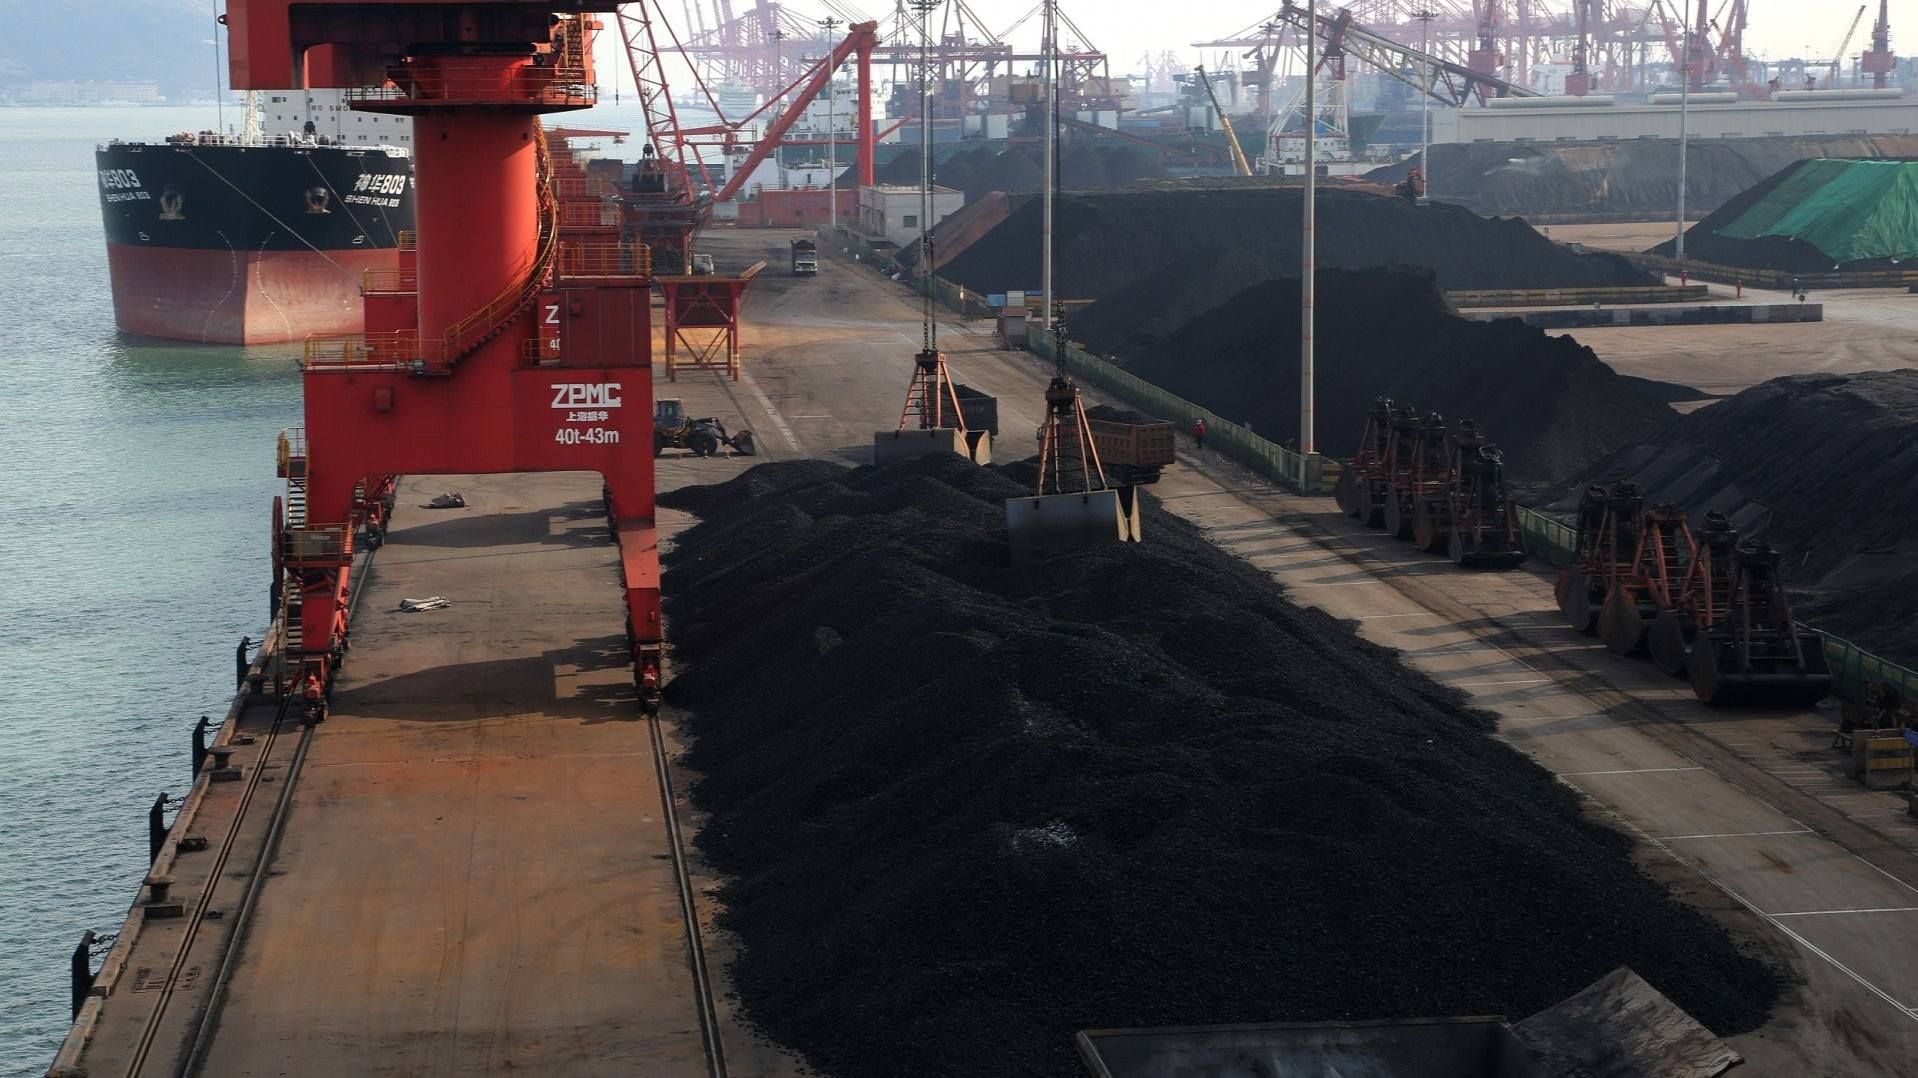 中國對澳洲966億商品采取行動?連鎖反應出現,澳官員慌瞭-圖2